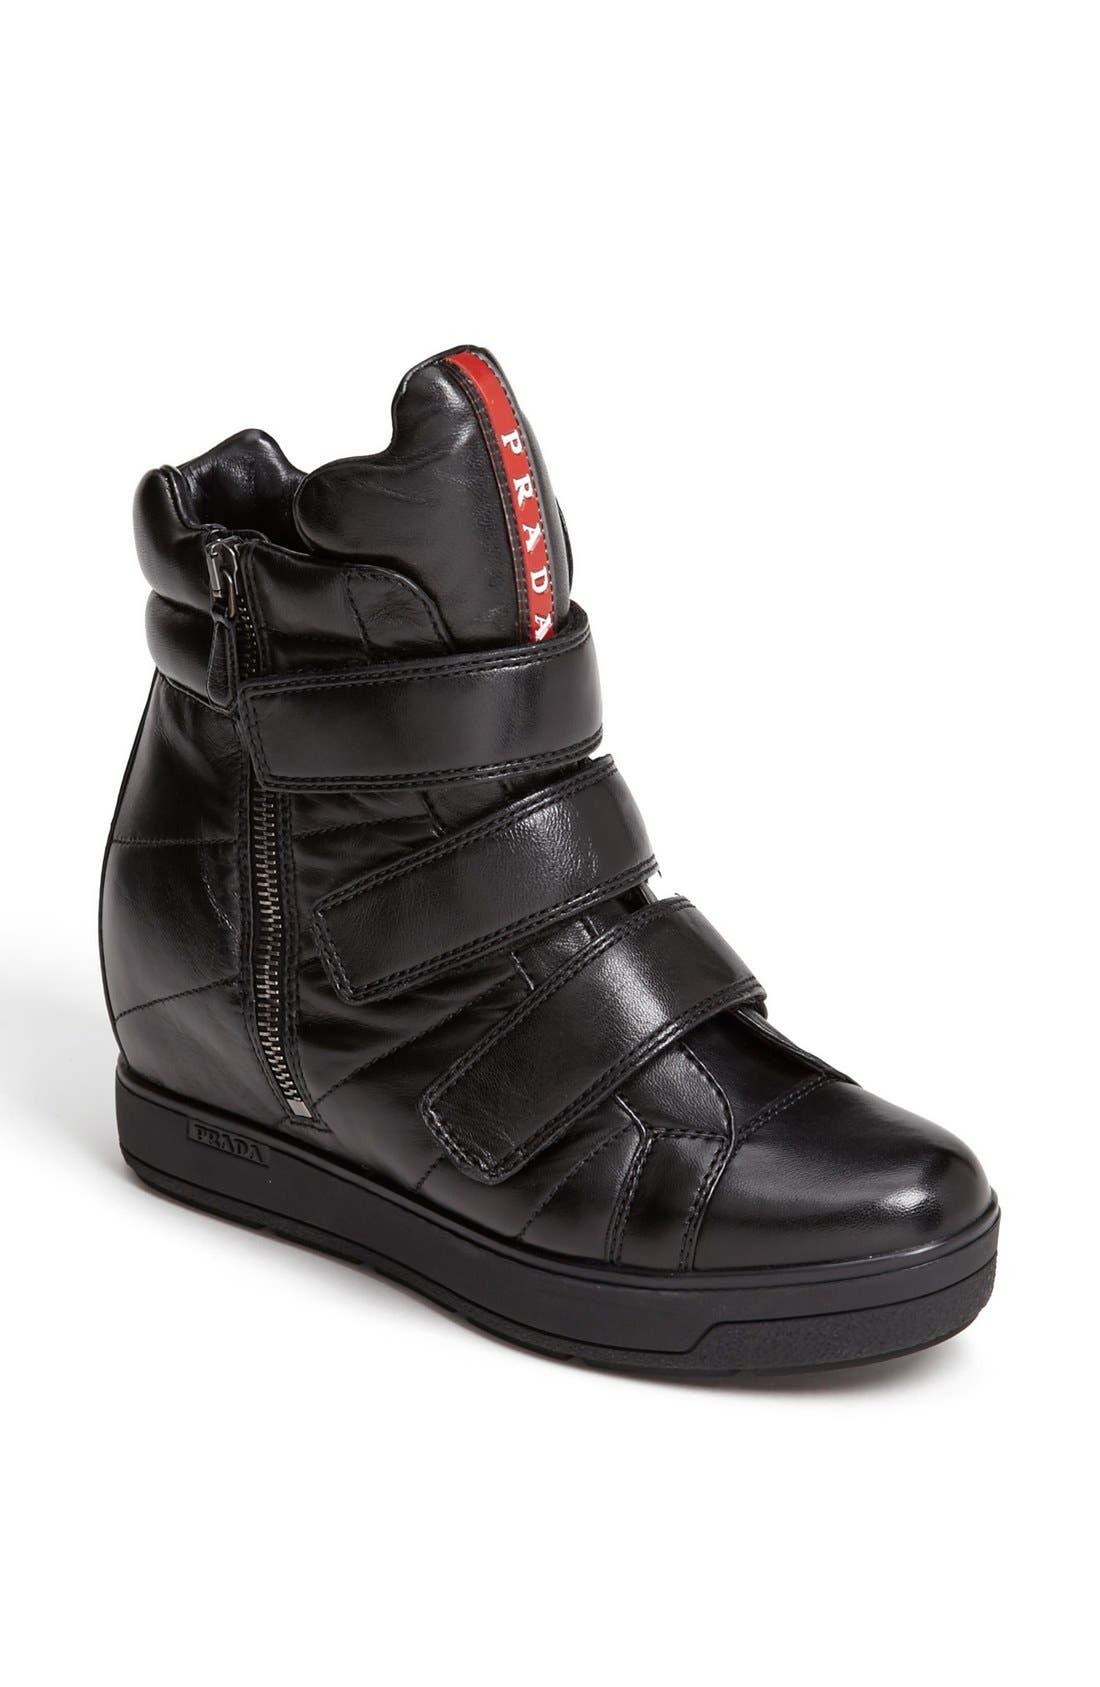 Alternate Image 1 Selected - Prada Wedge Sneaker